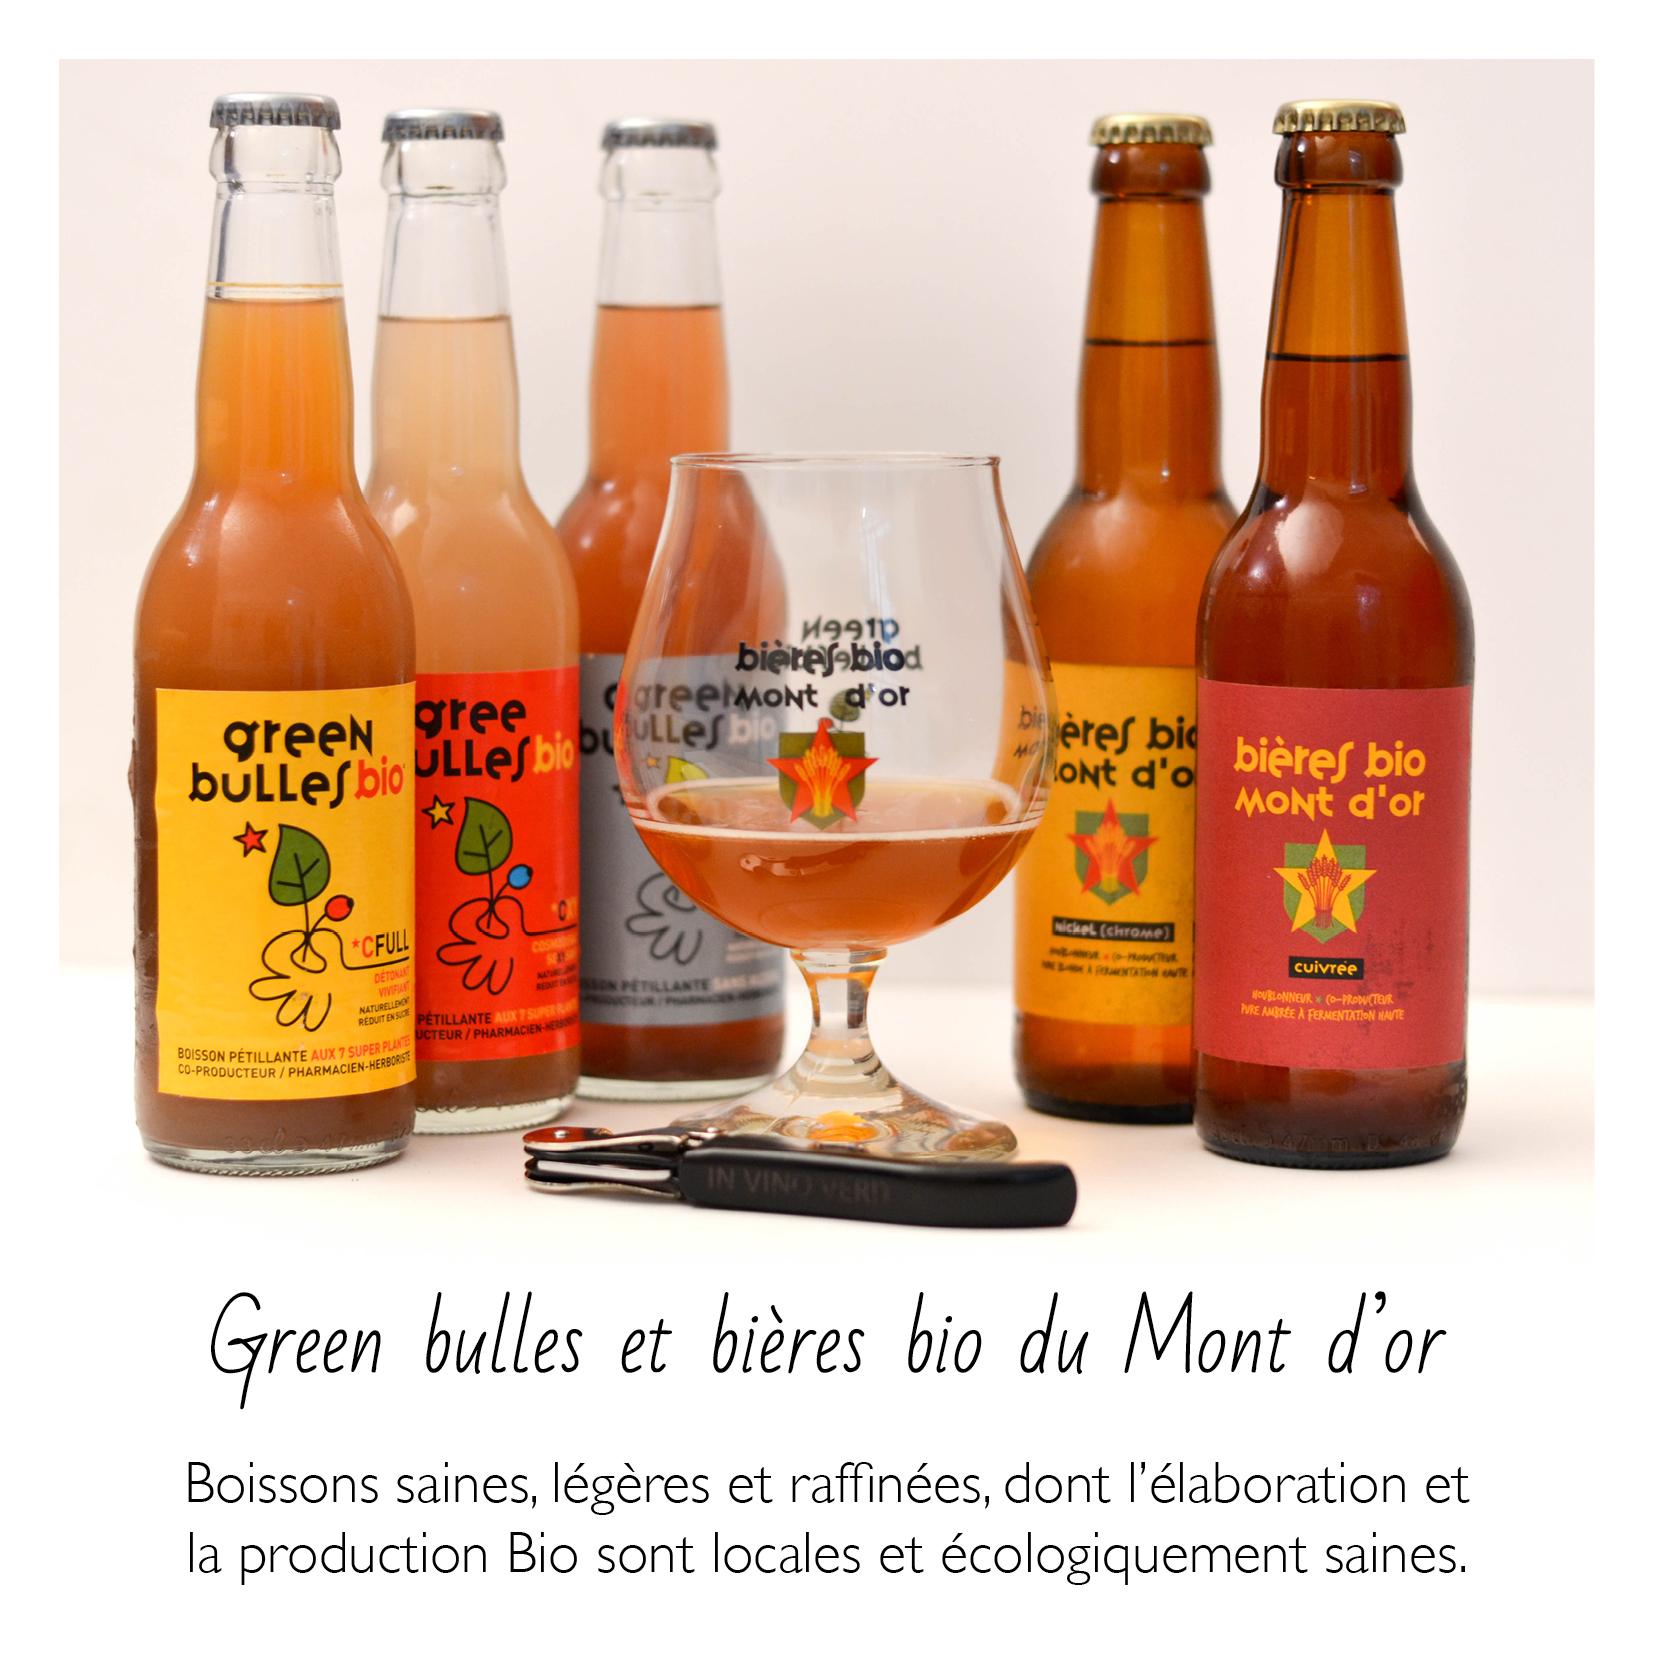 Green bulles et bière